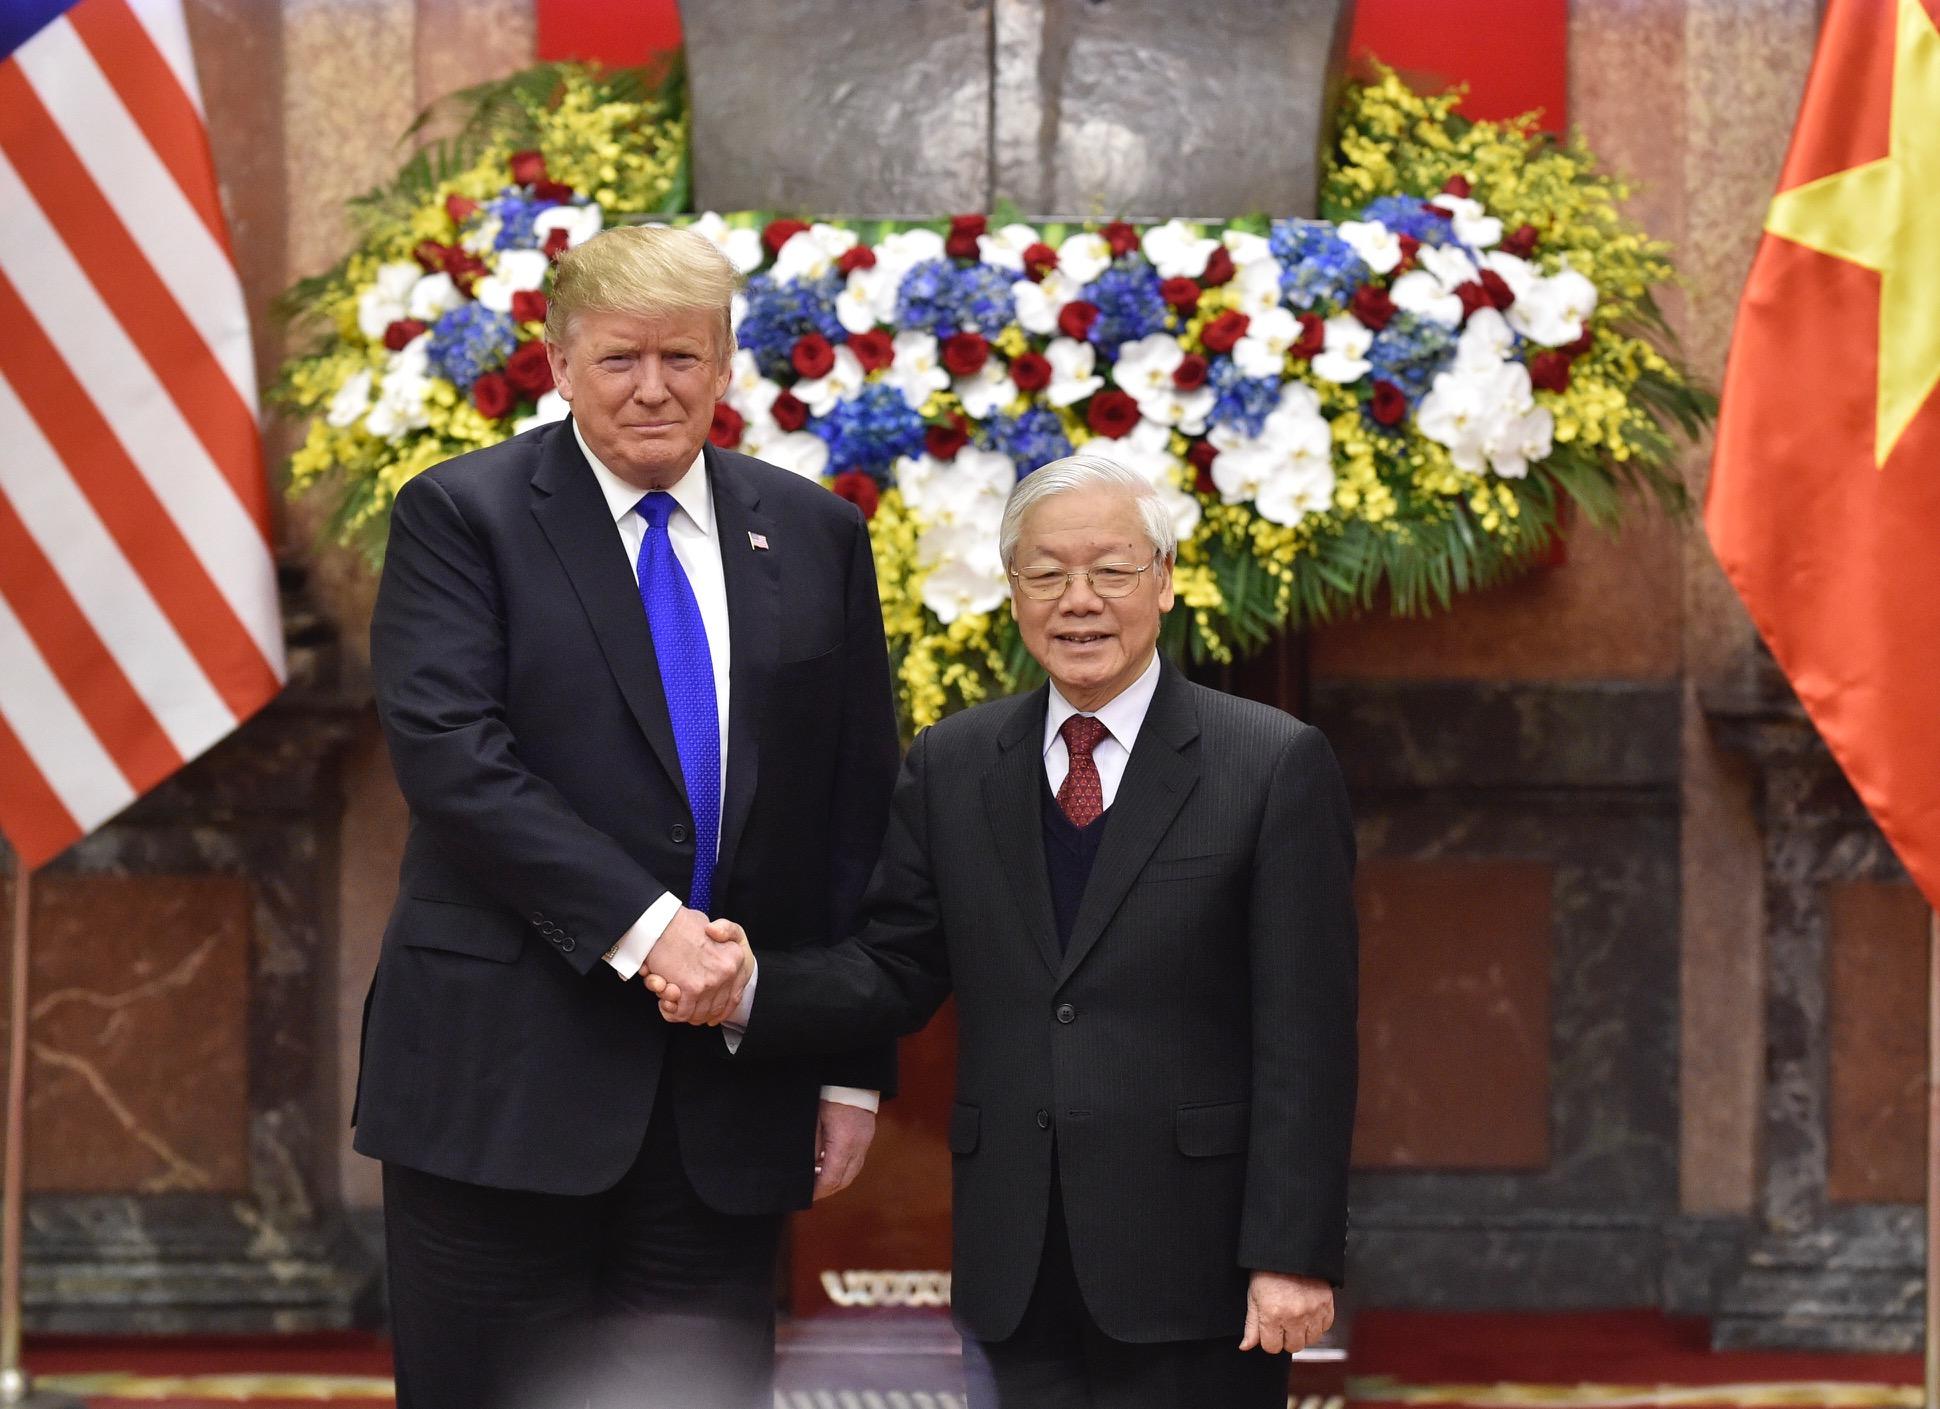 [TRỰC TIẾP] Tổng Bí thư, Chủ tịch nước Nguyễn Phú Trọng tiếp Tổng thống Donald Trump